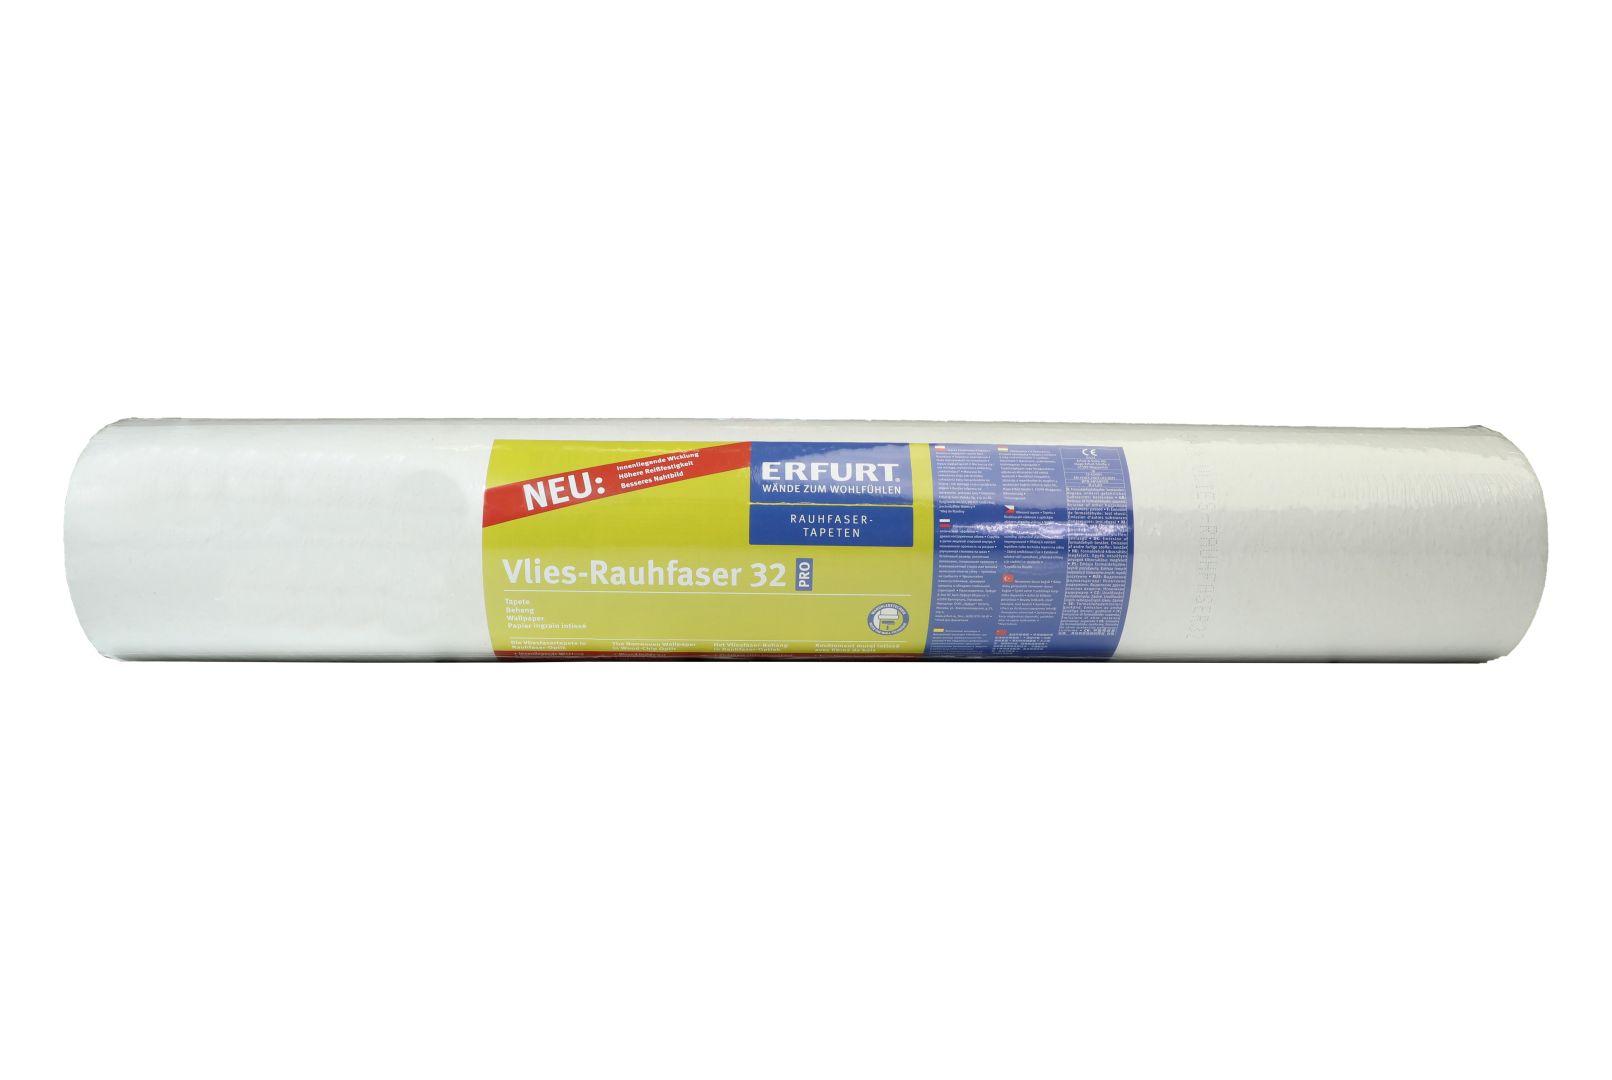 ERFURT Vlies-Rauhfaser Tapete 32 Pro, elegante Struktur, 25 x 0,75 m, ausreichend für 18,75 m², Rolle